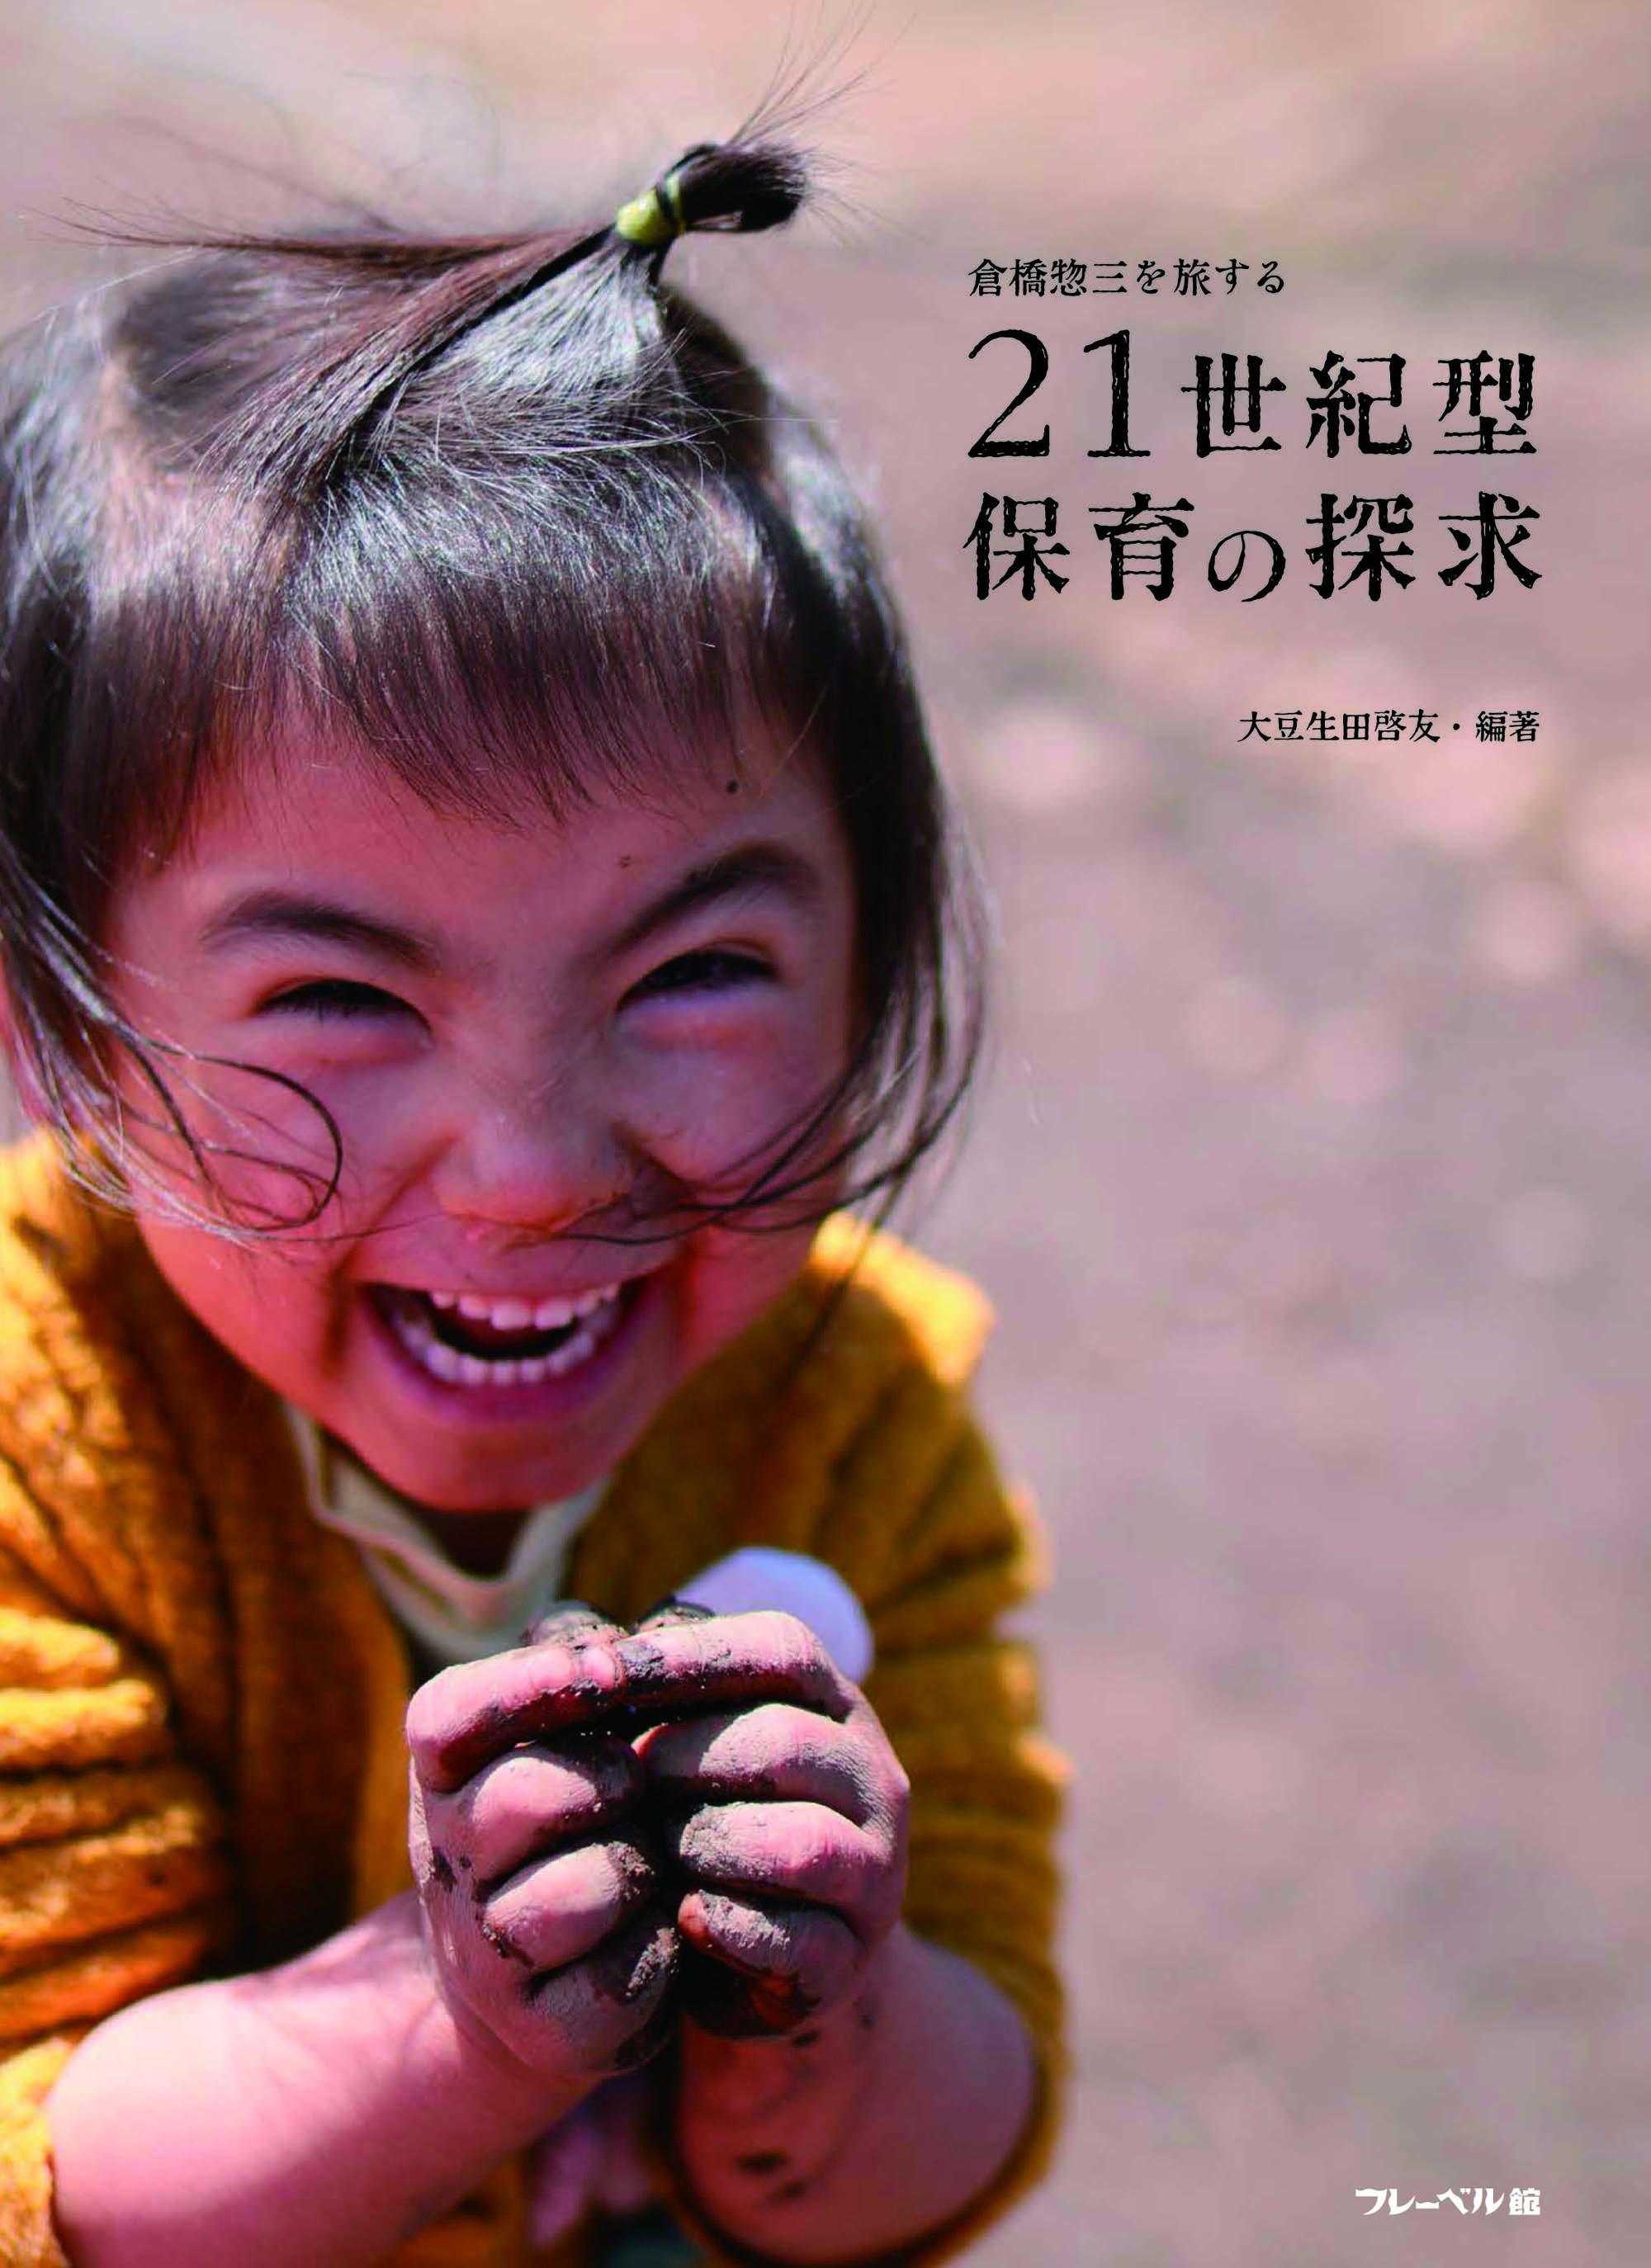 書籍案内/倉橋惣三を旅する『21世紀型保育の探求』